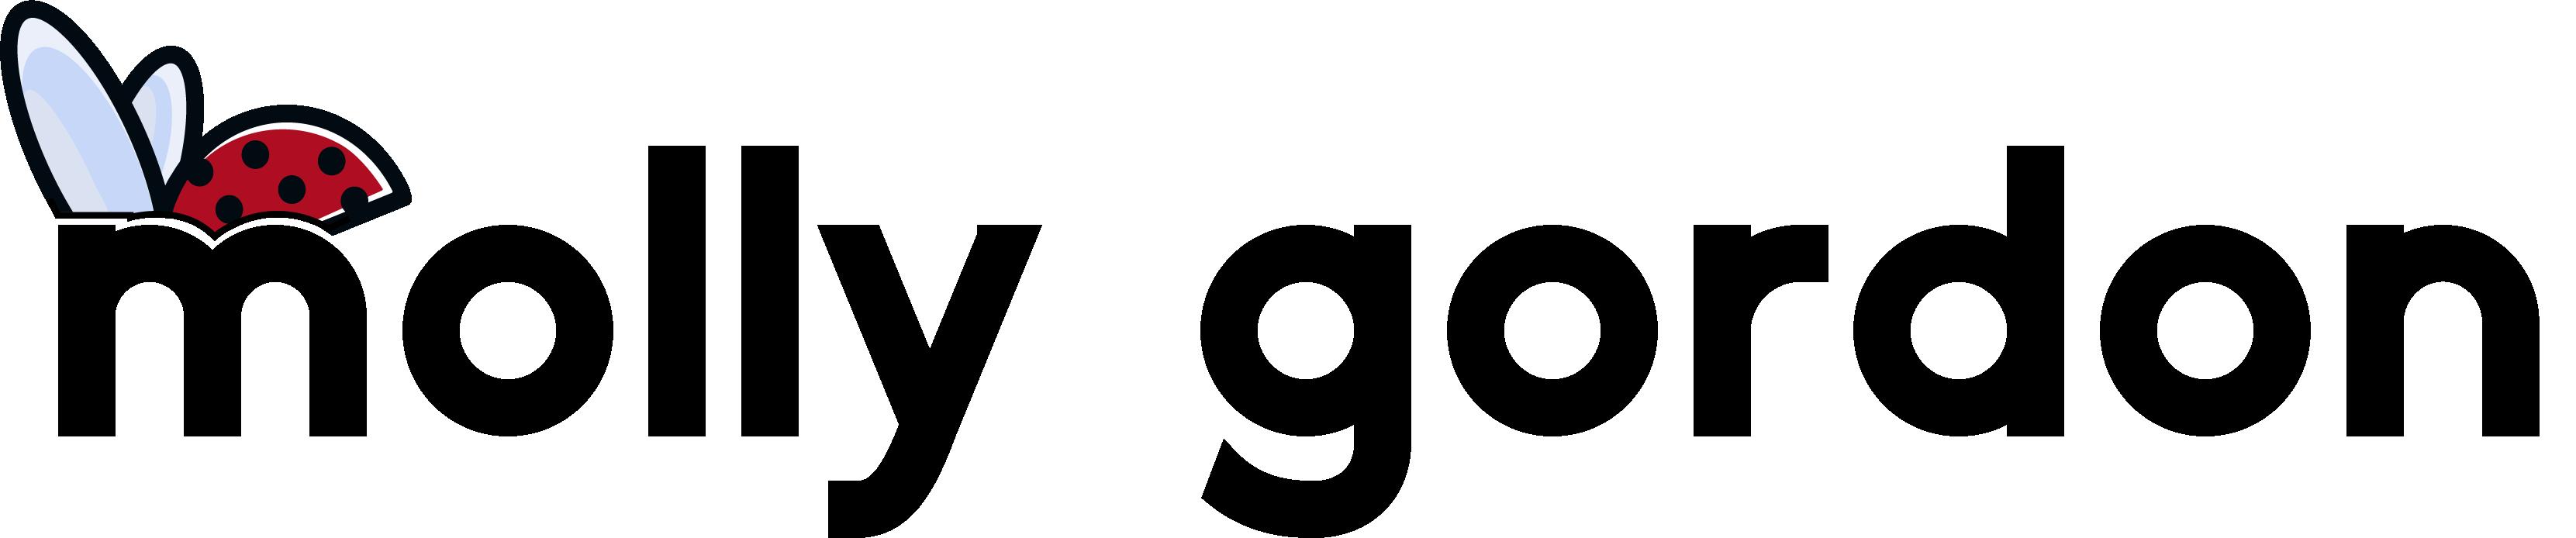 Molly Gordon logo